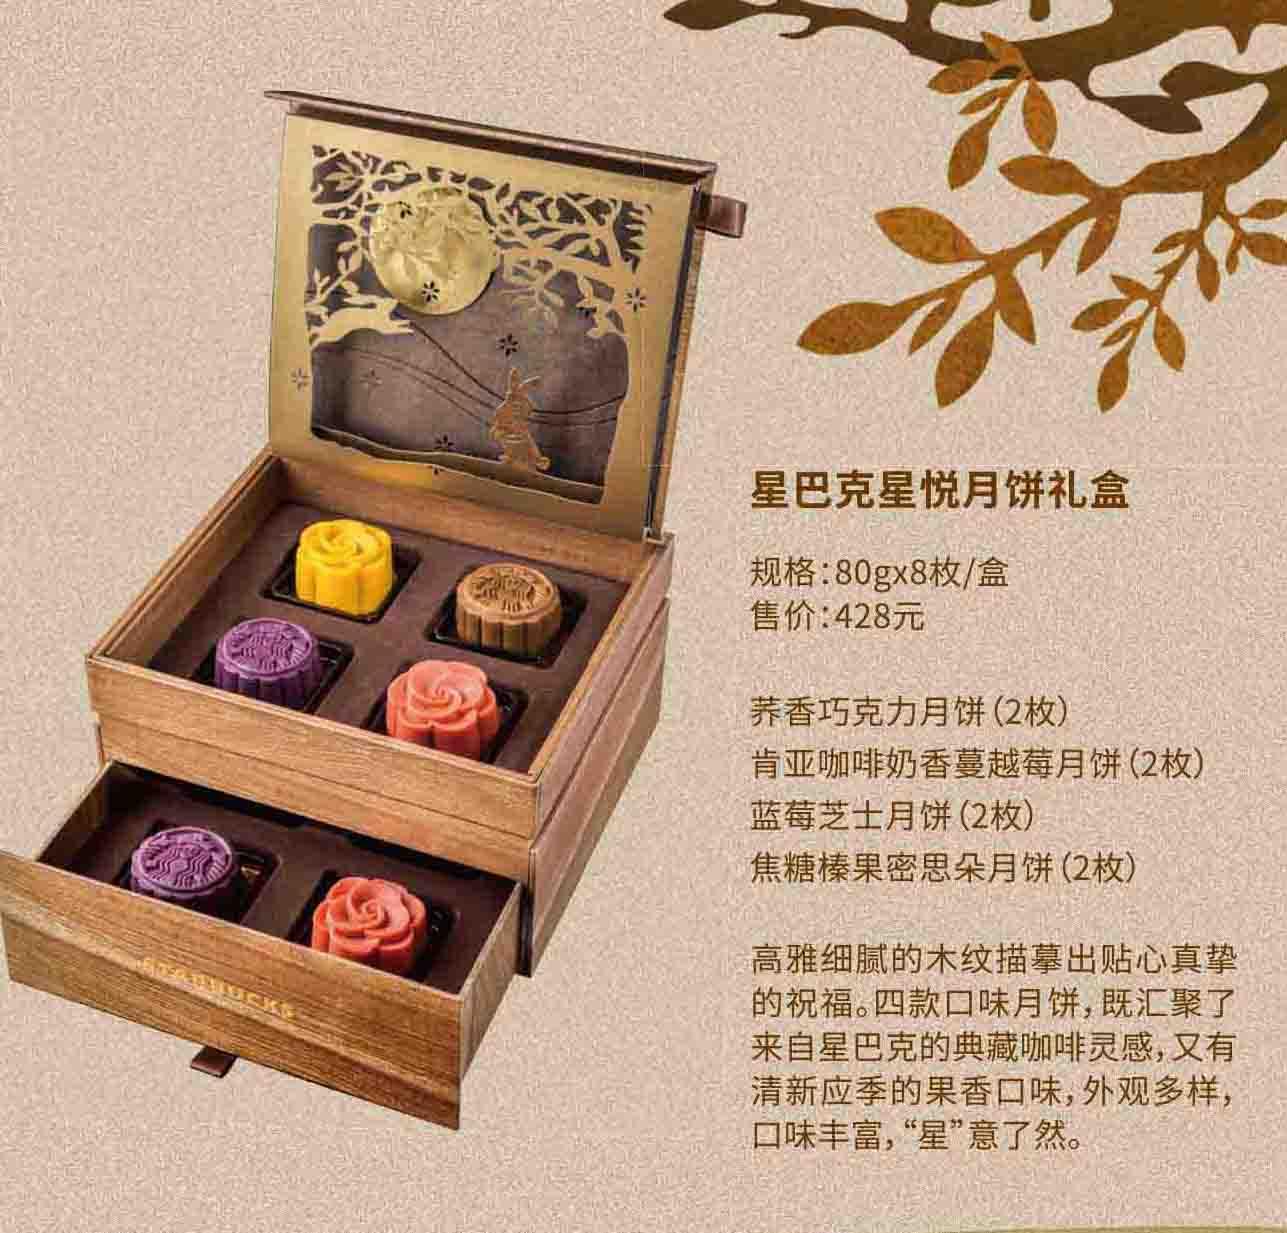 本礼券可在指定星巴克店内提领一盒对应月饼礼盒一份.图片